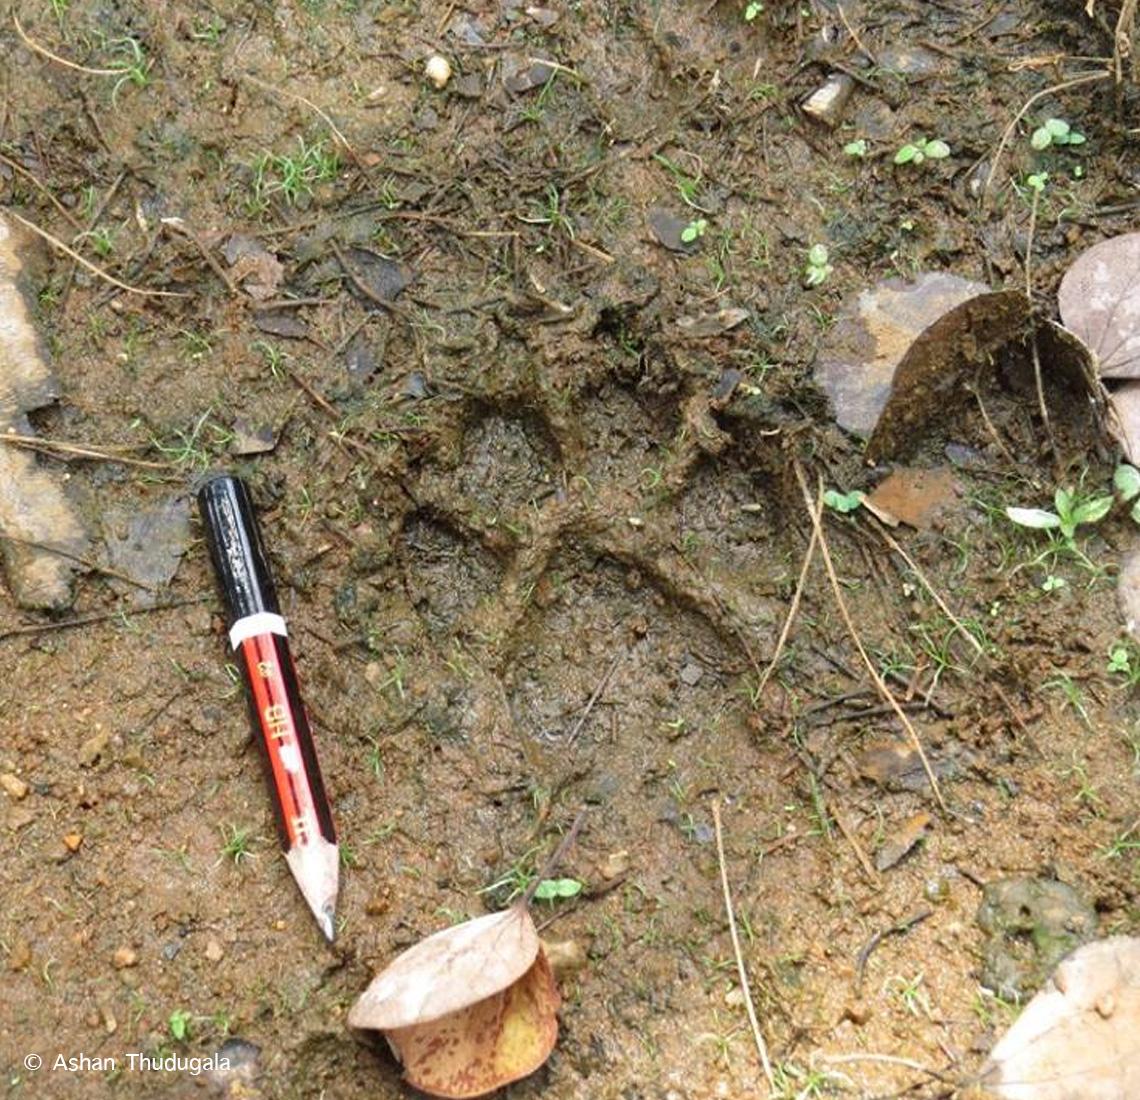 Searching-for-fishing-cats_Ashan-Thudugala2